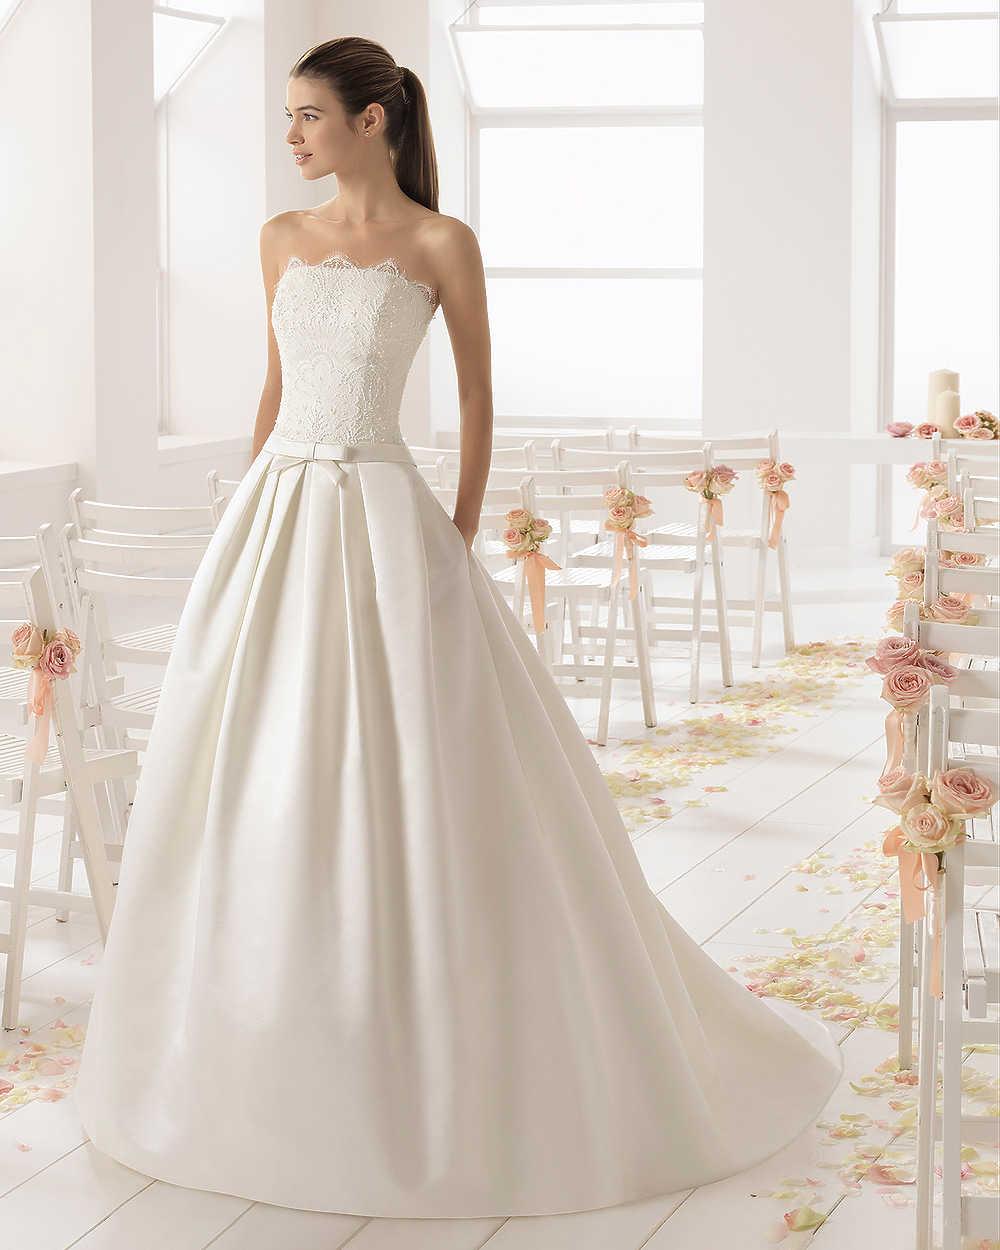 Mikádó selyem    Vicora esküvői ruhaszalon 5111b27eec